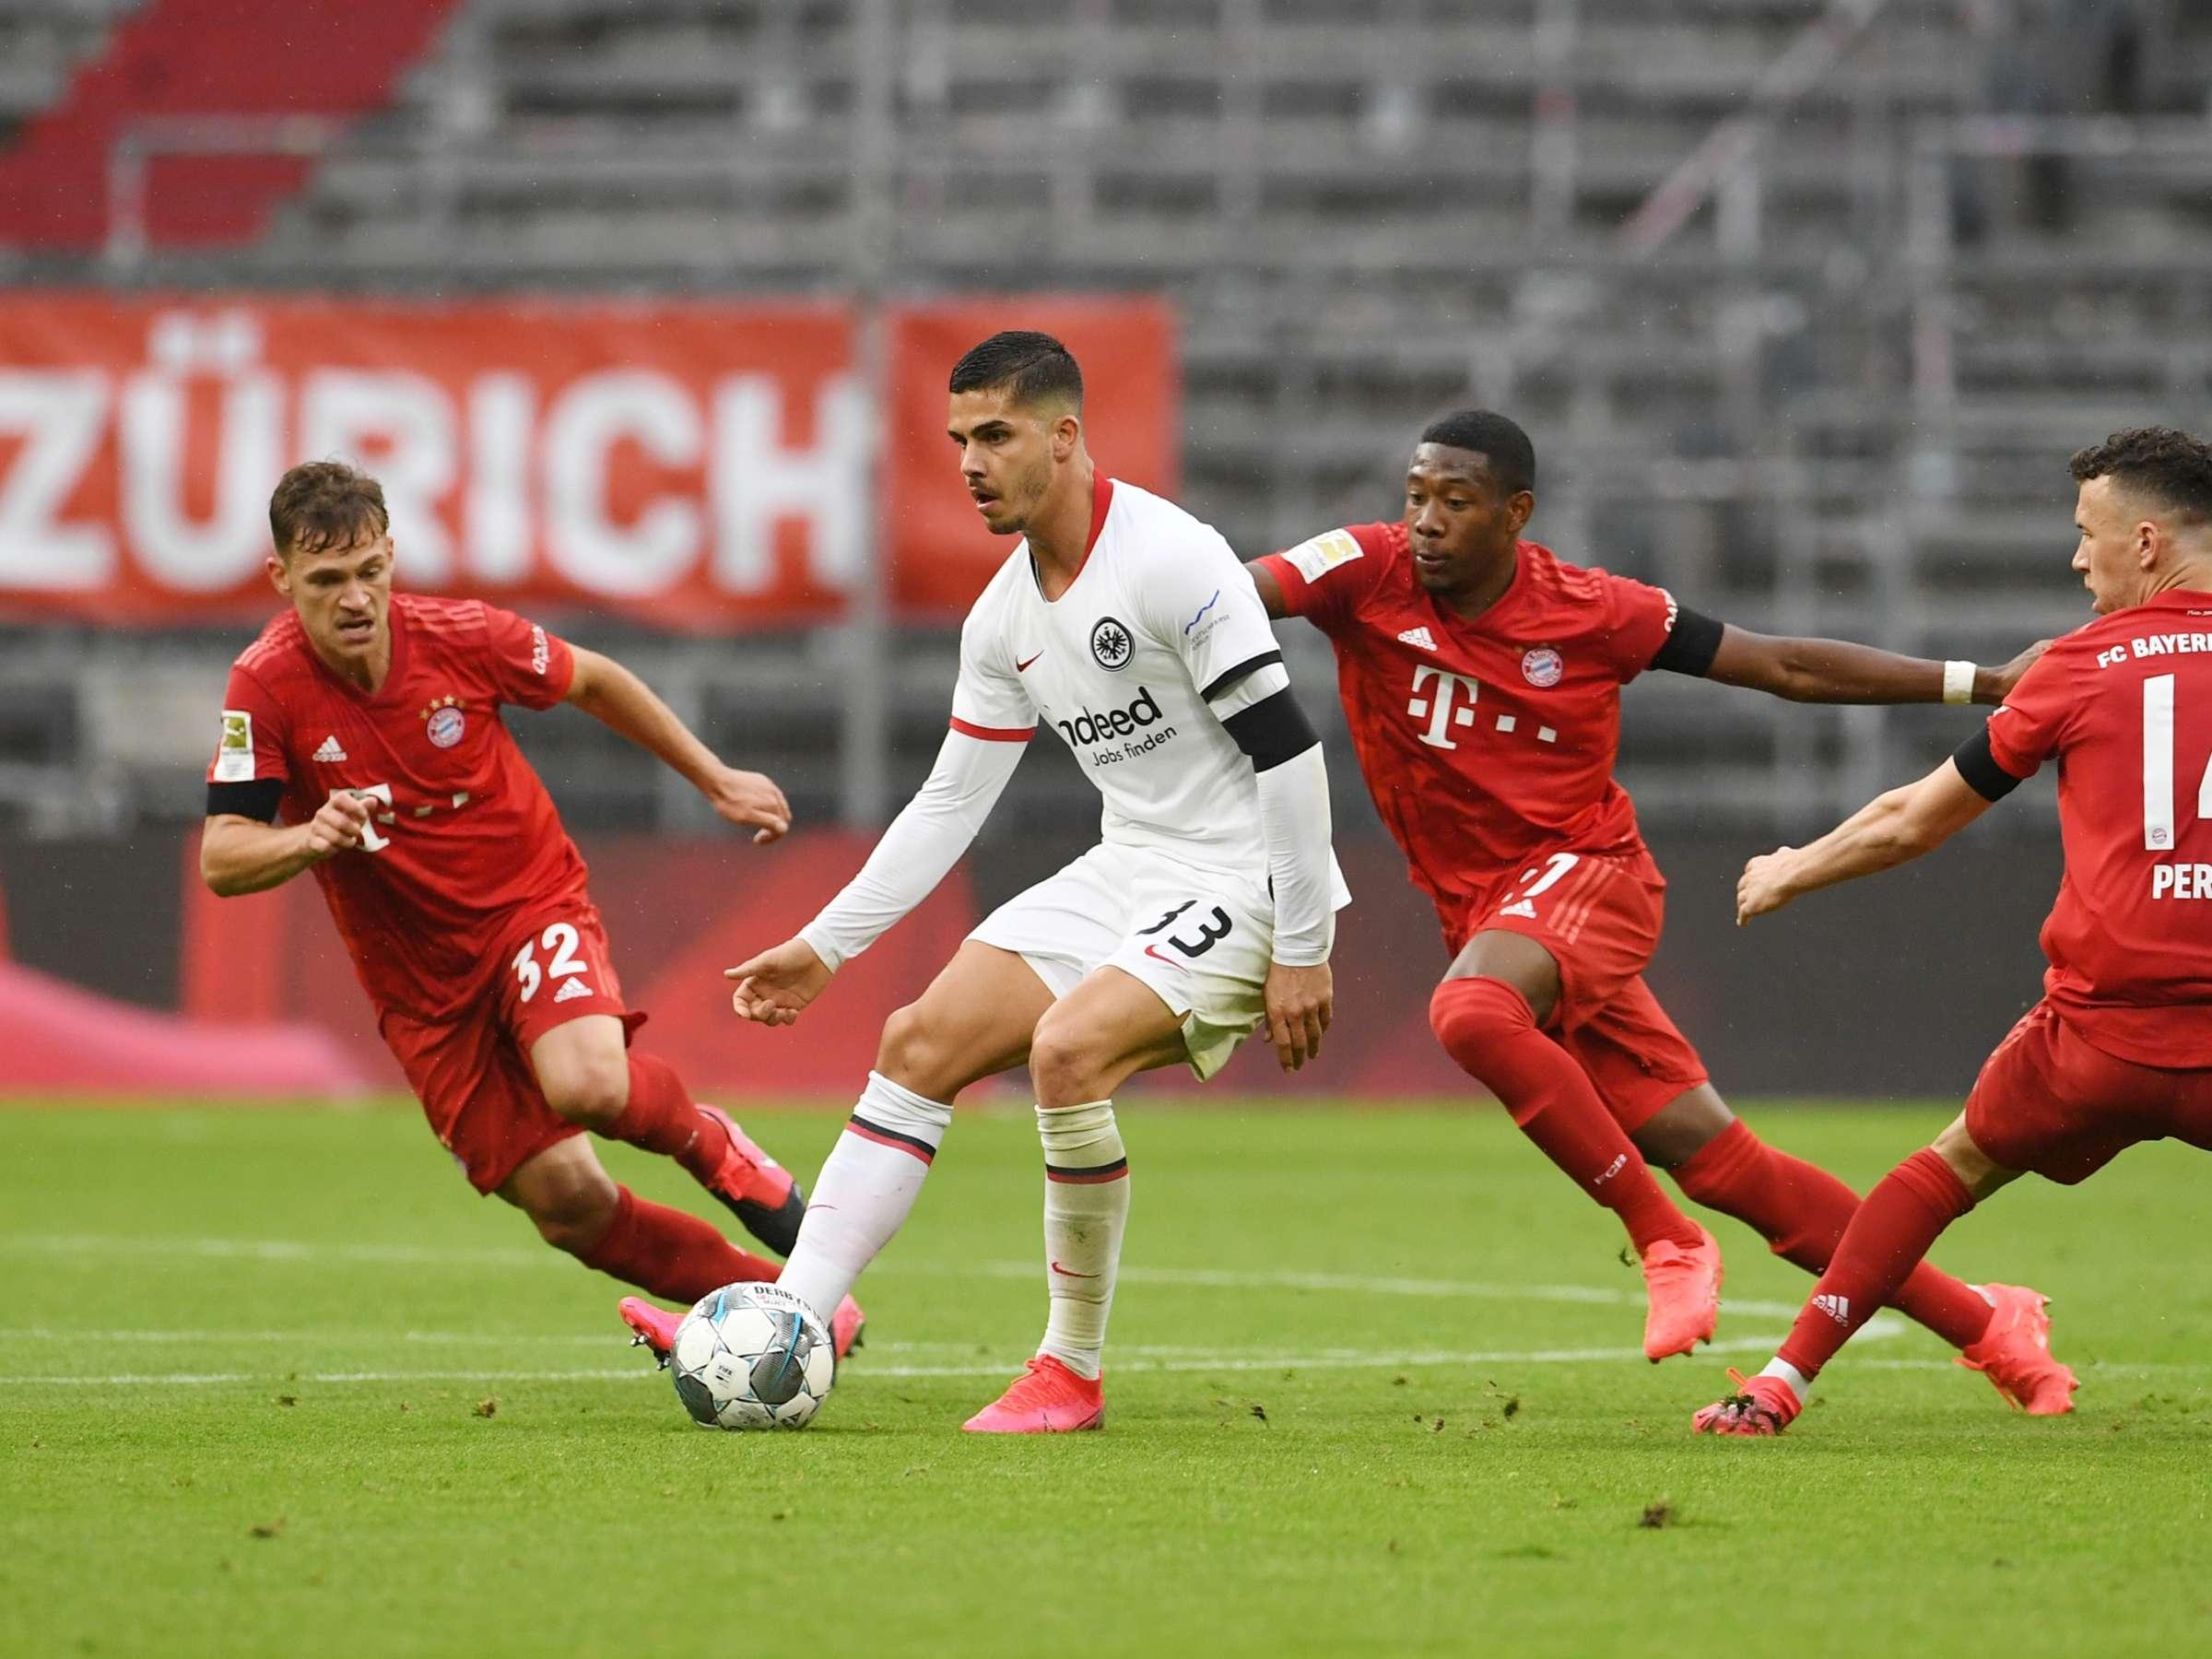 Eintracht Frankfurt verliert trotz starker Leistung beim FC Bayern München  | Eintracht